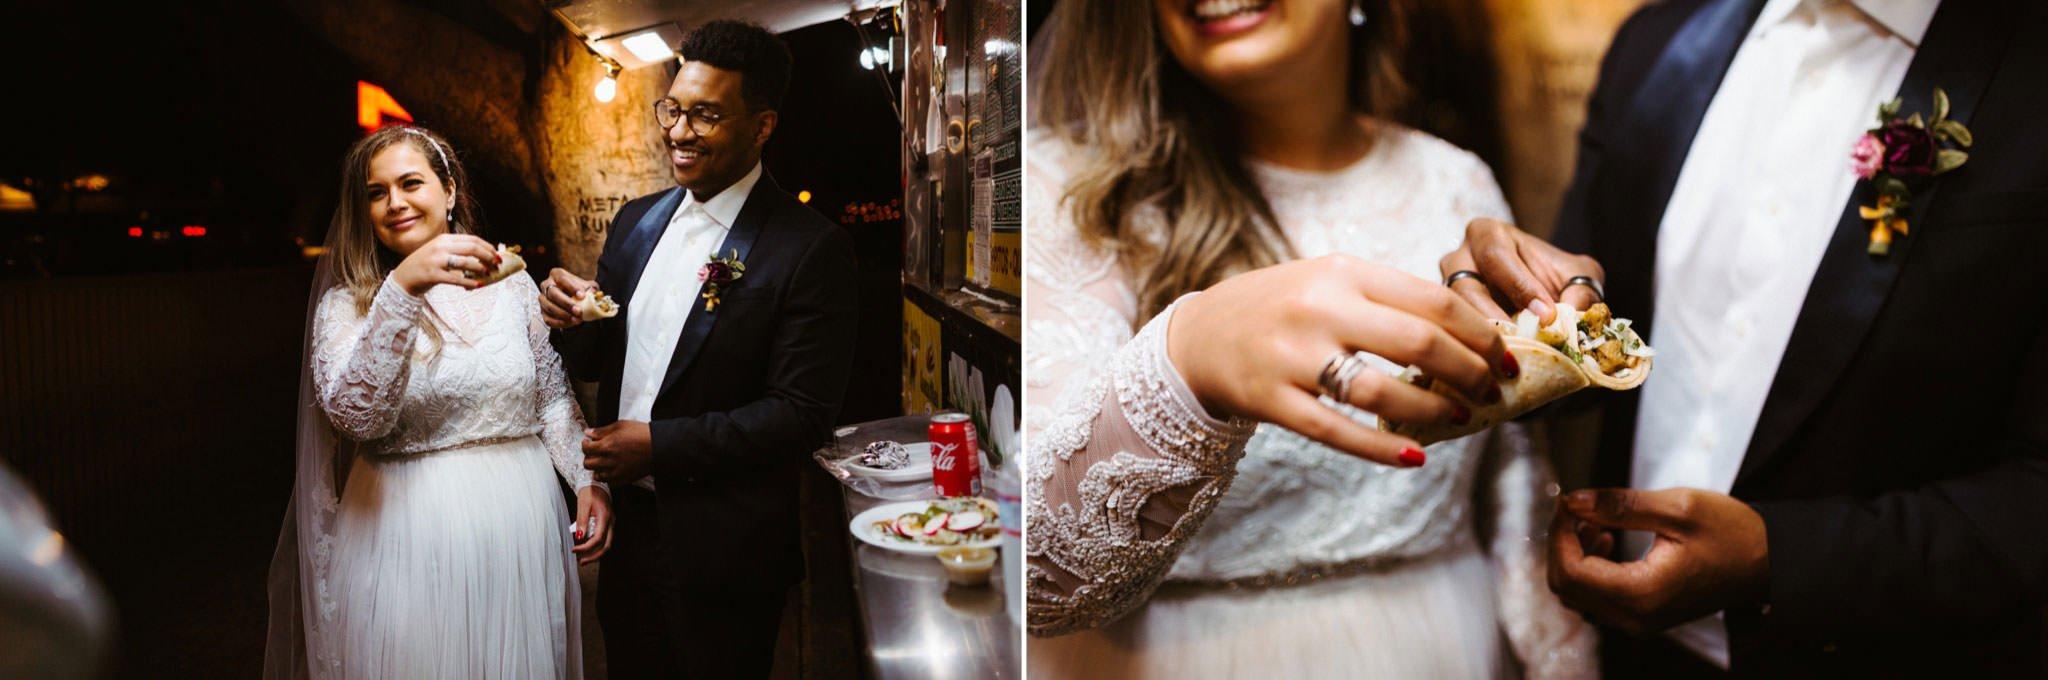 la elopement photos 138